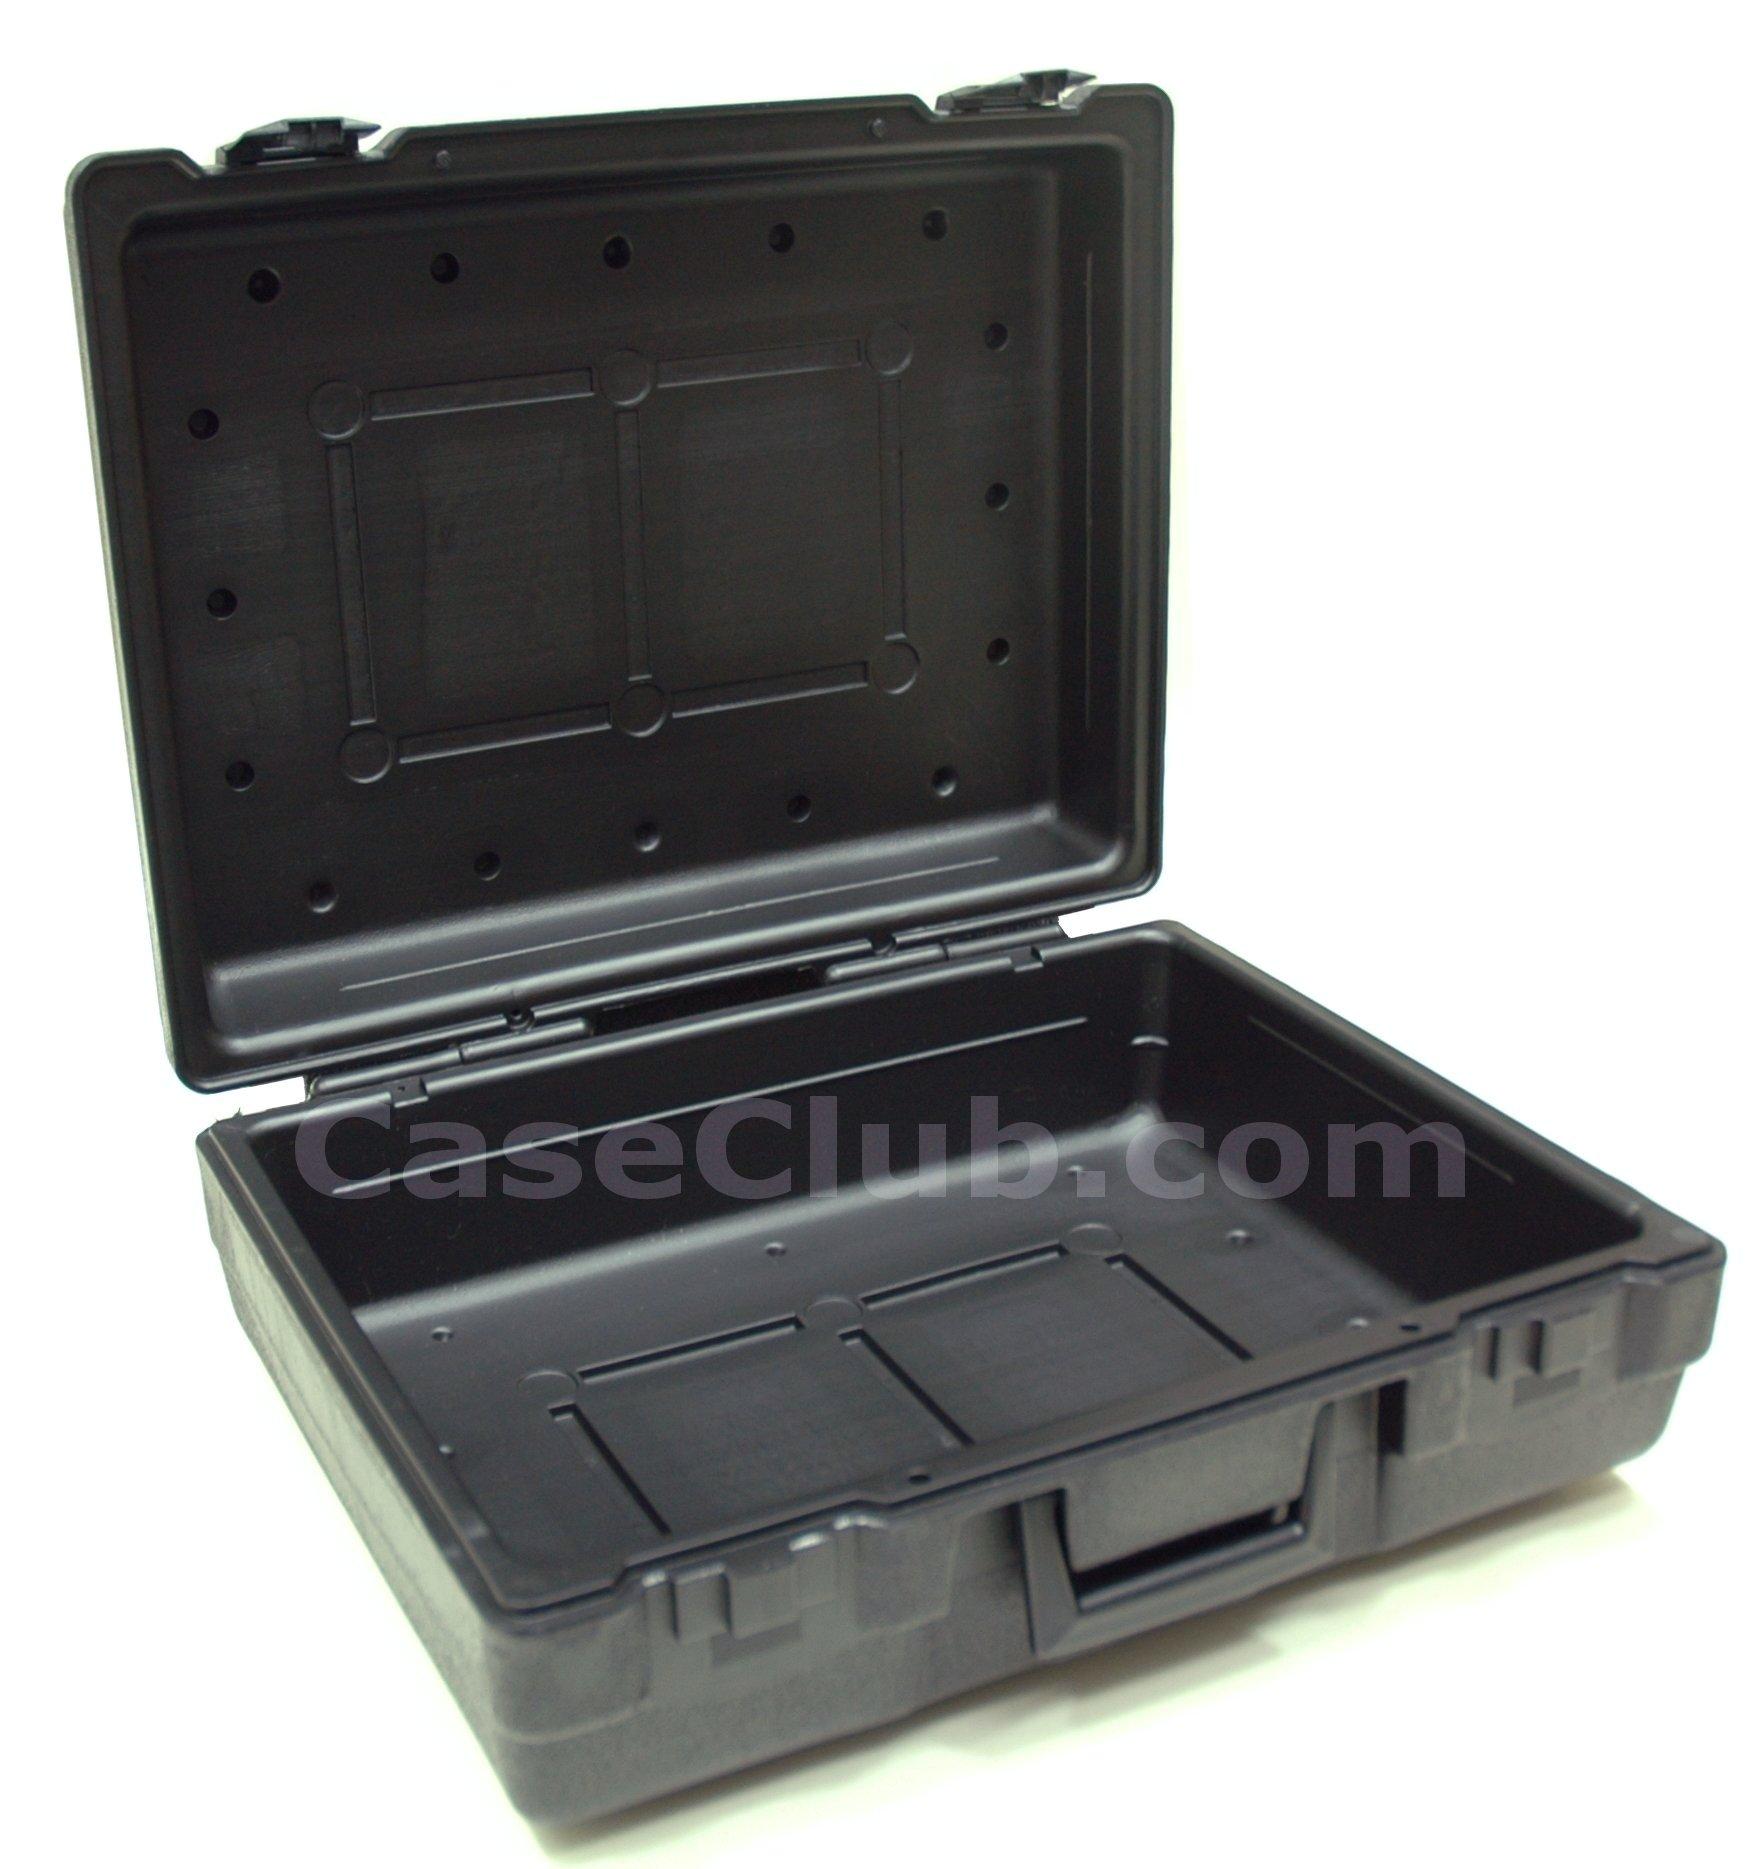 W19x15.5x7.10 Case